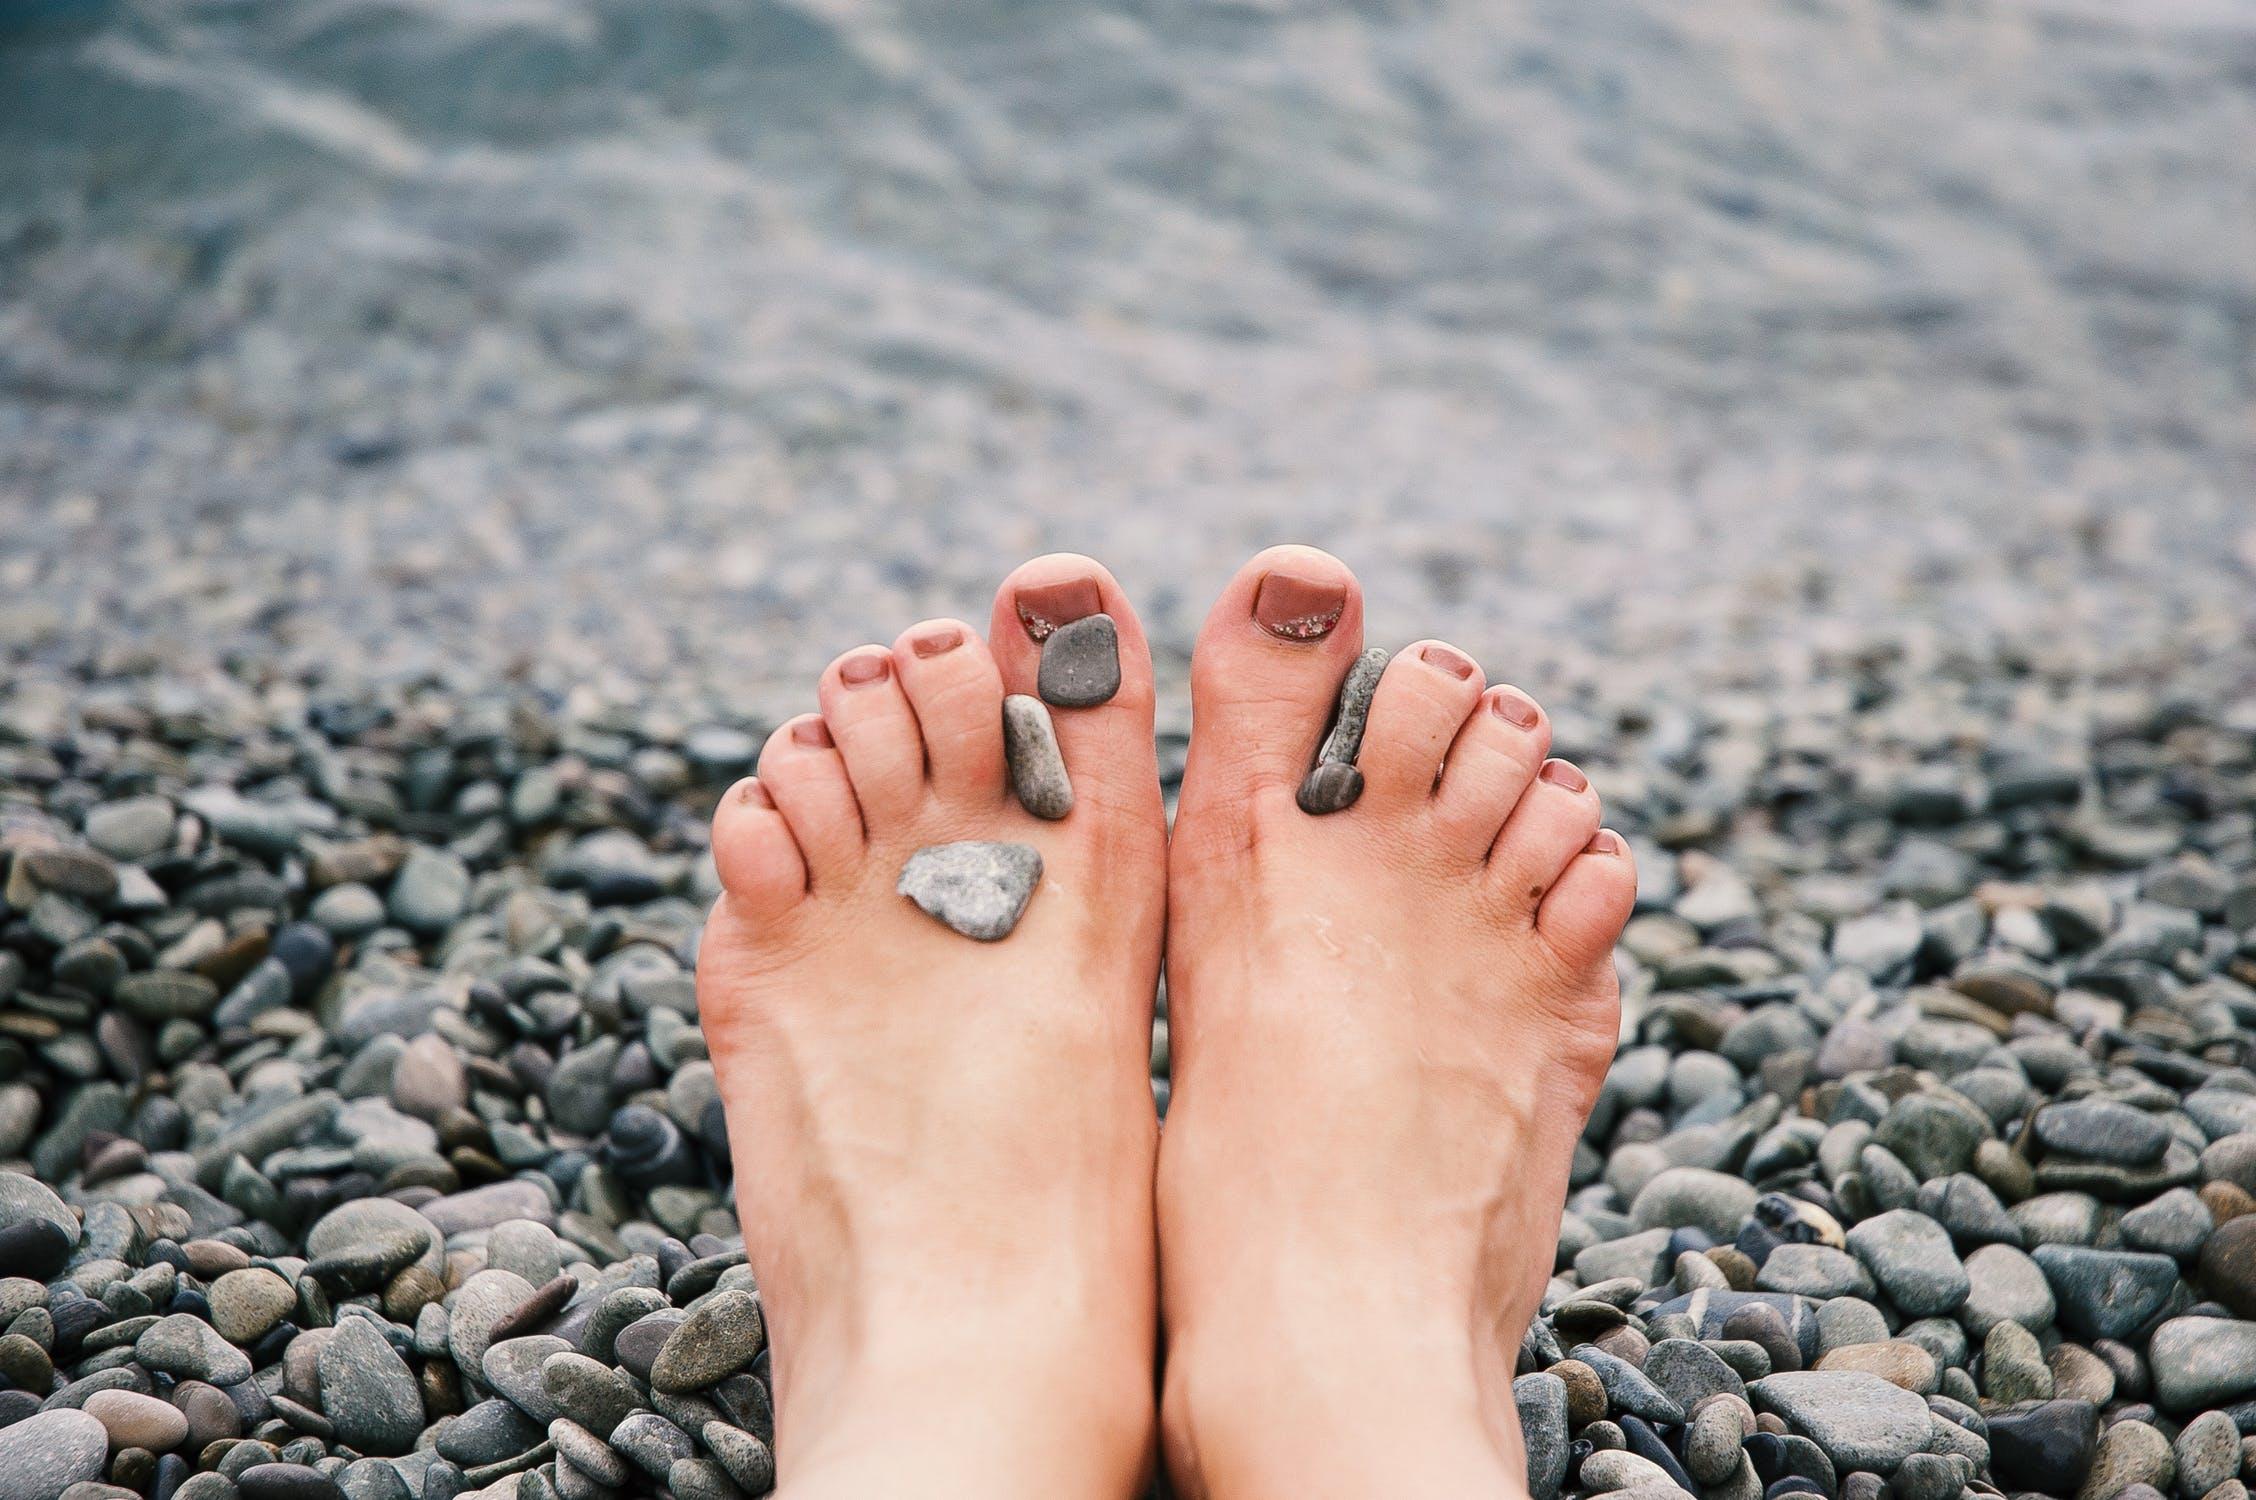 05577050 1) De fleste sko fungerer som en krykke for føttene; en tykk såle gir alt  for mye demping, og føttene får ikke kontakt med underlaget.